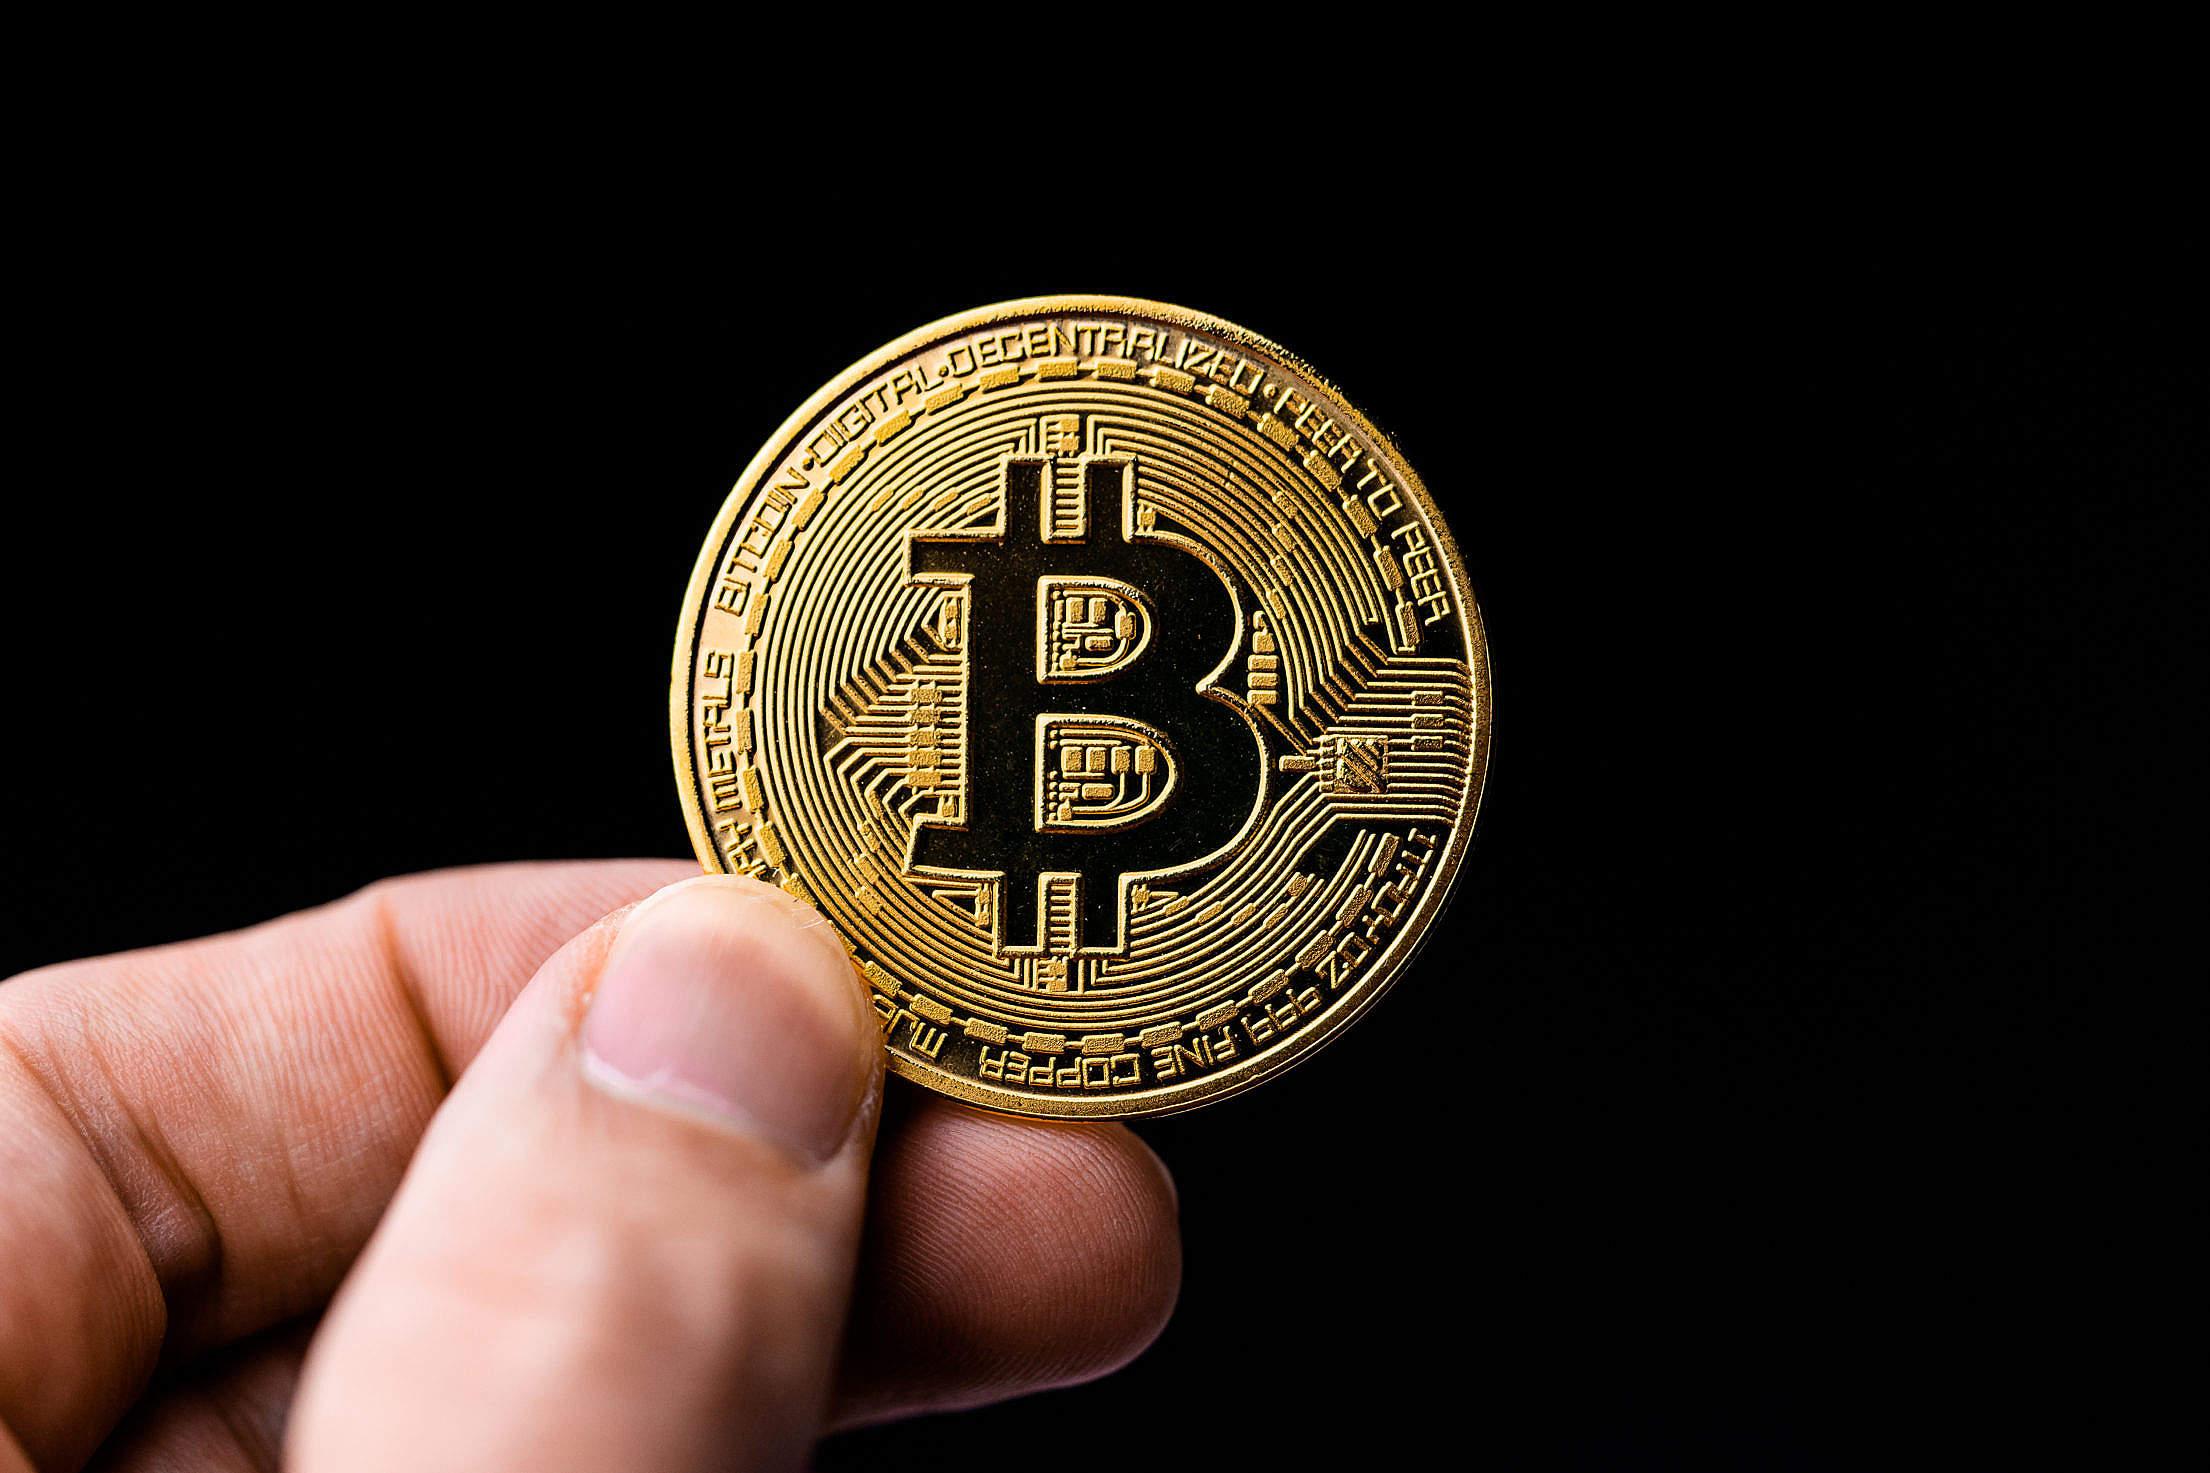 Man Holding a Bitcoin Coin Free Stock Photo